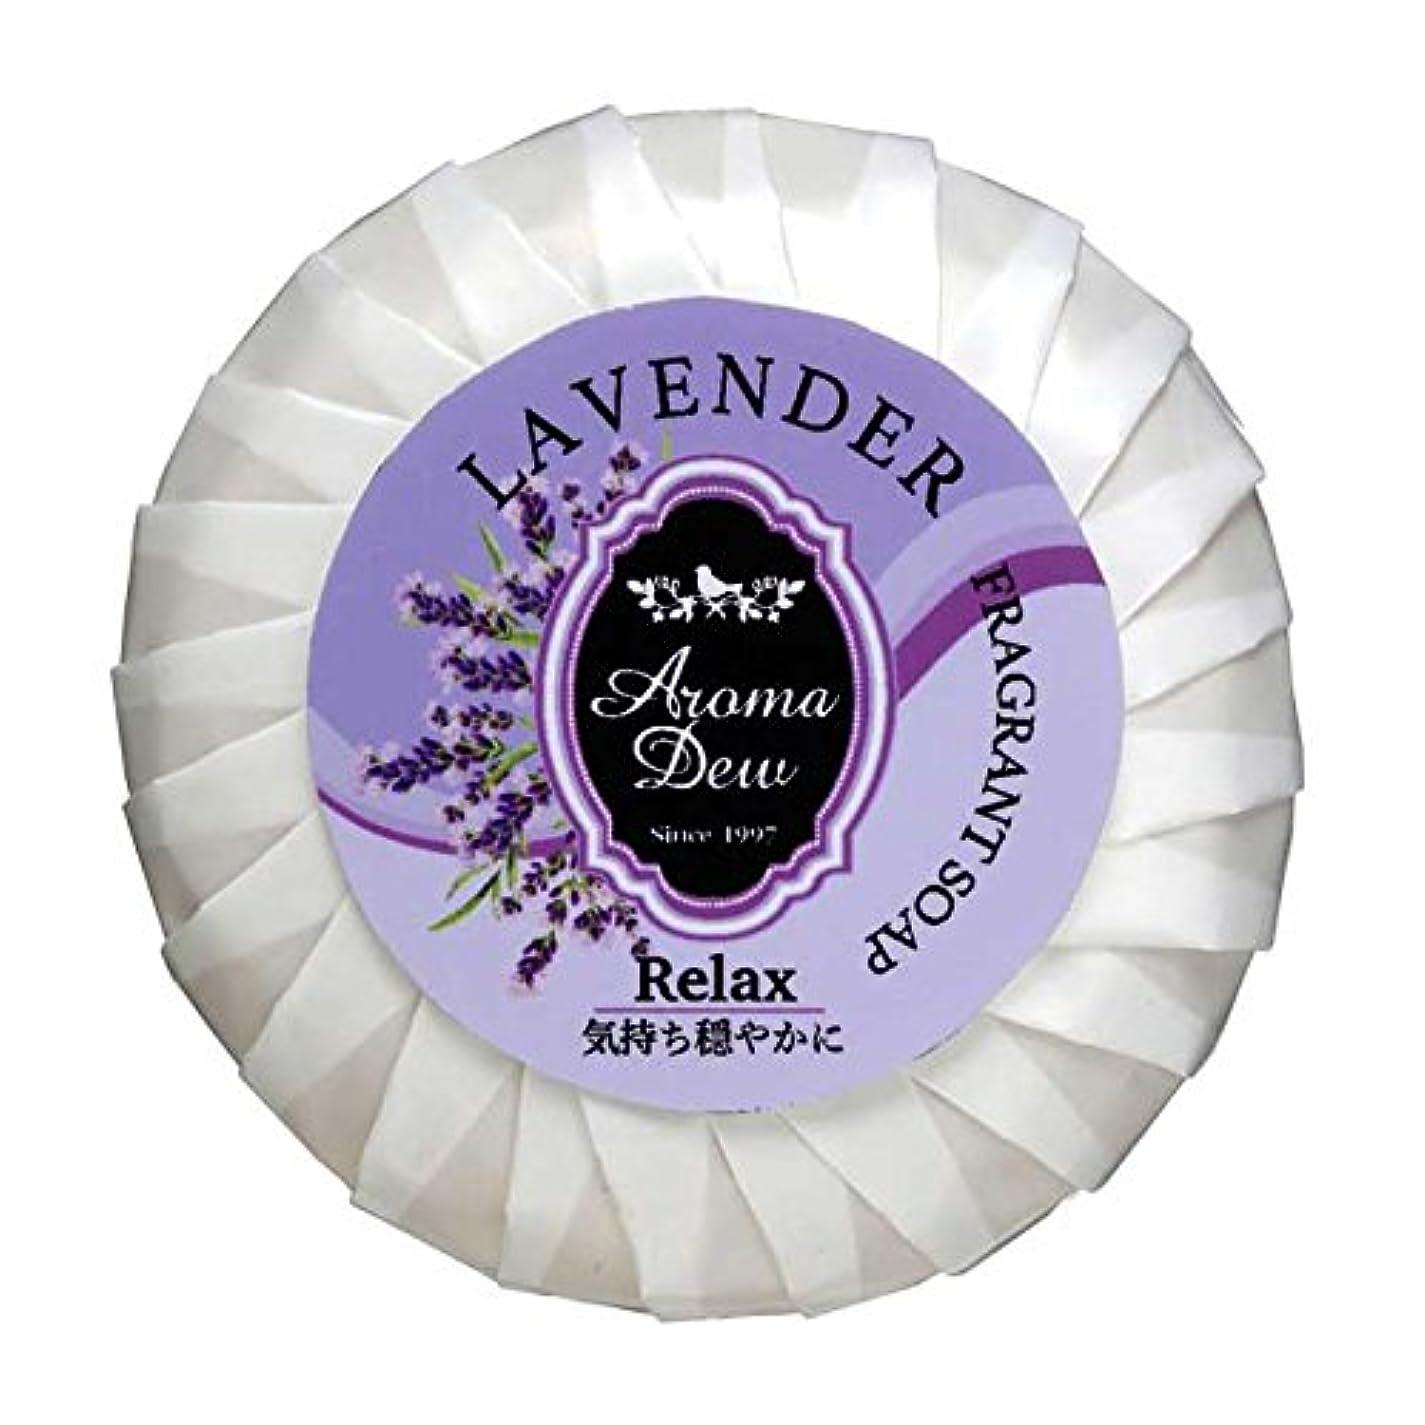 不名誉な関連する伝統的アロマデュウ フレグラントソープ ラベンダーの香り 100g